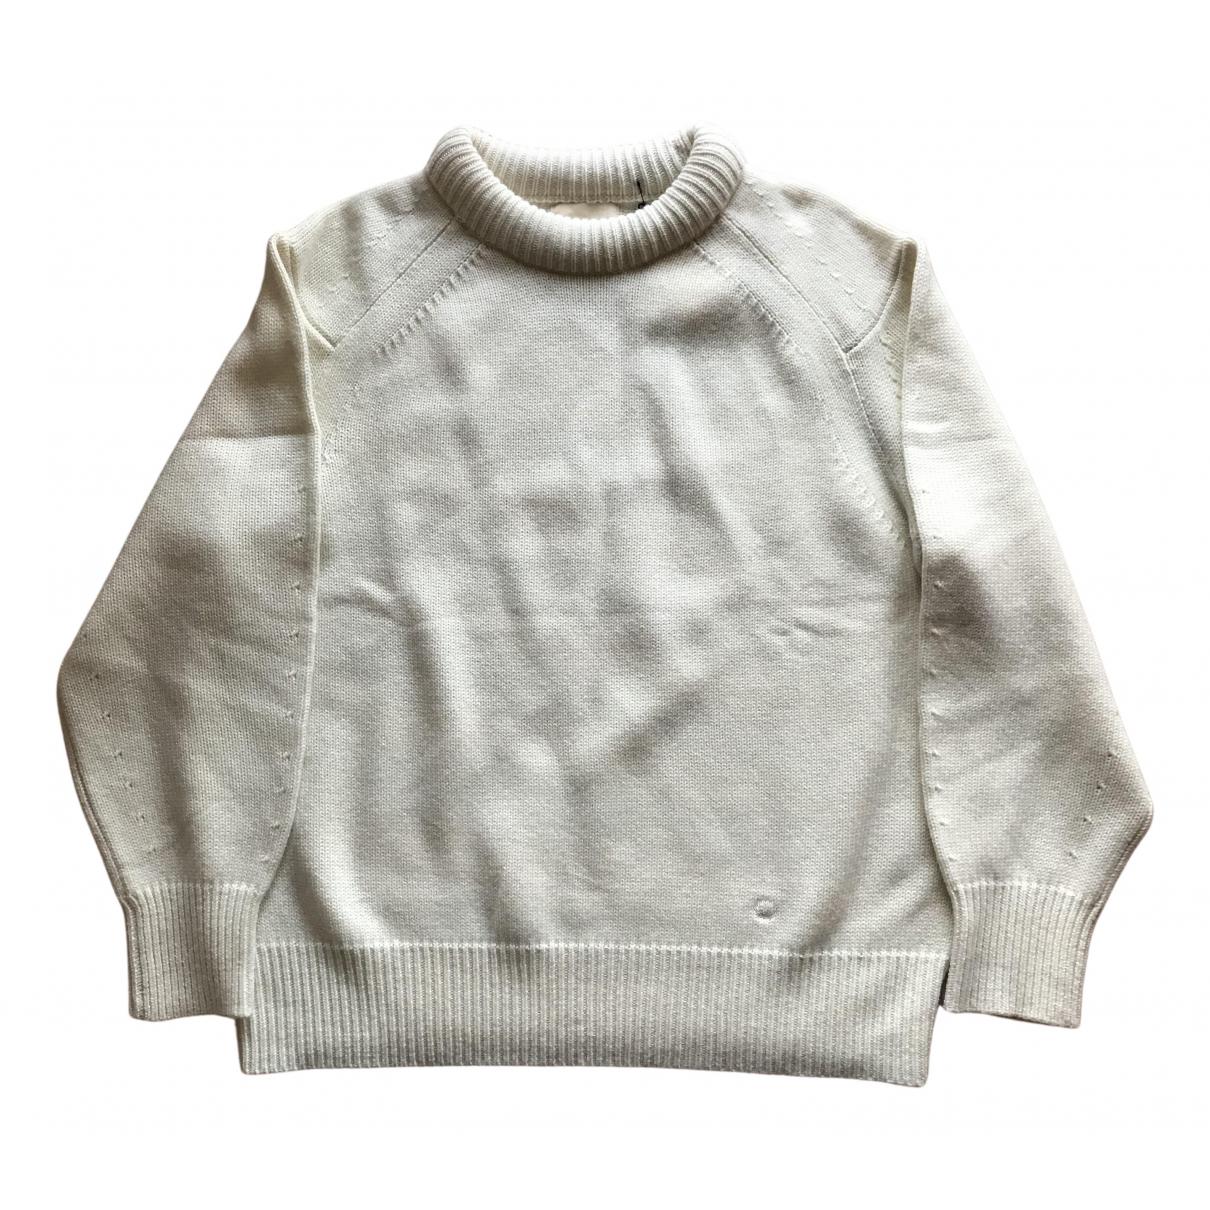 Loulou Studio N White Wool Knitwear for Women M International